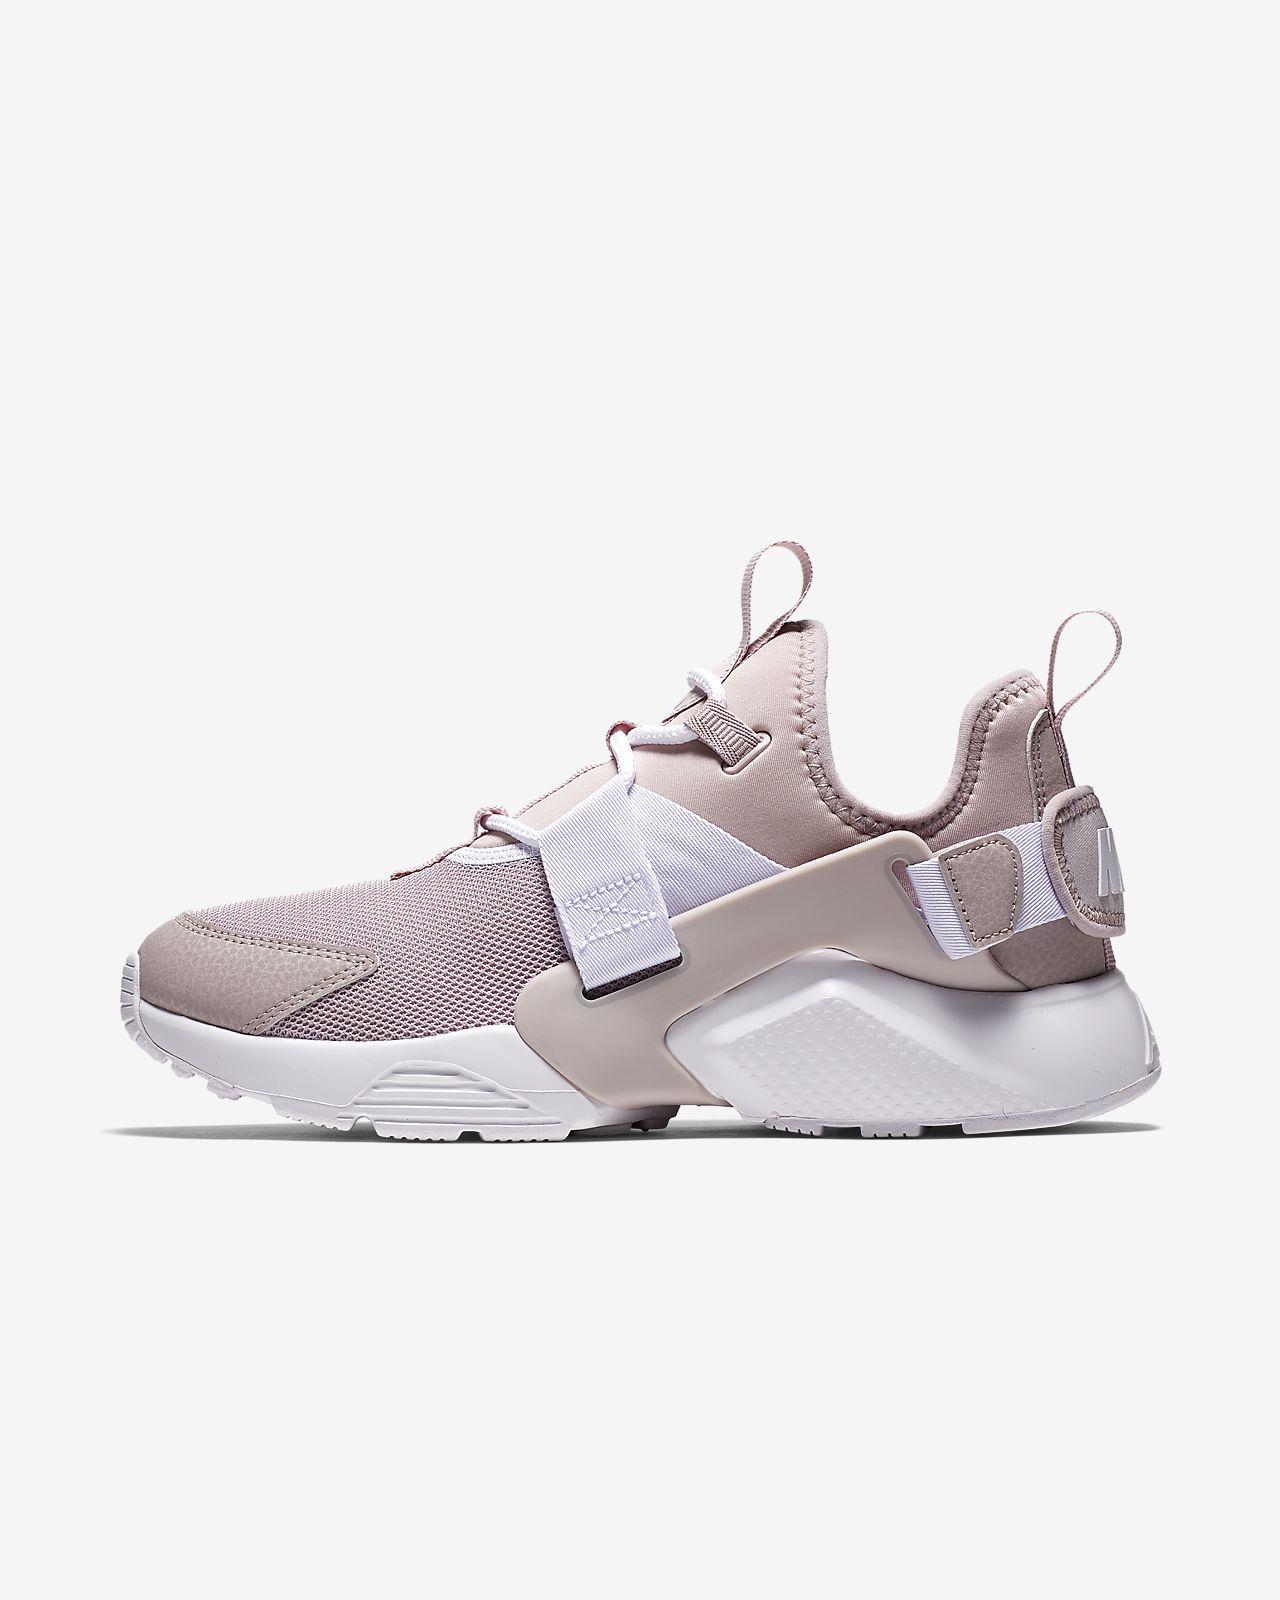 รองเท้าผู้หญิง Nike Air Huarache City Low